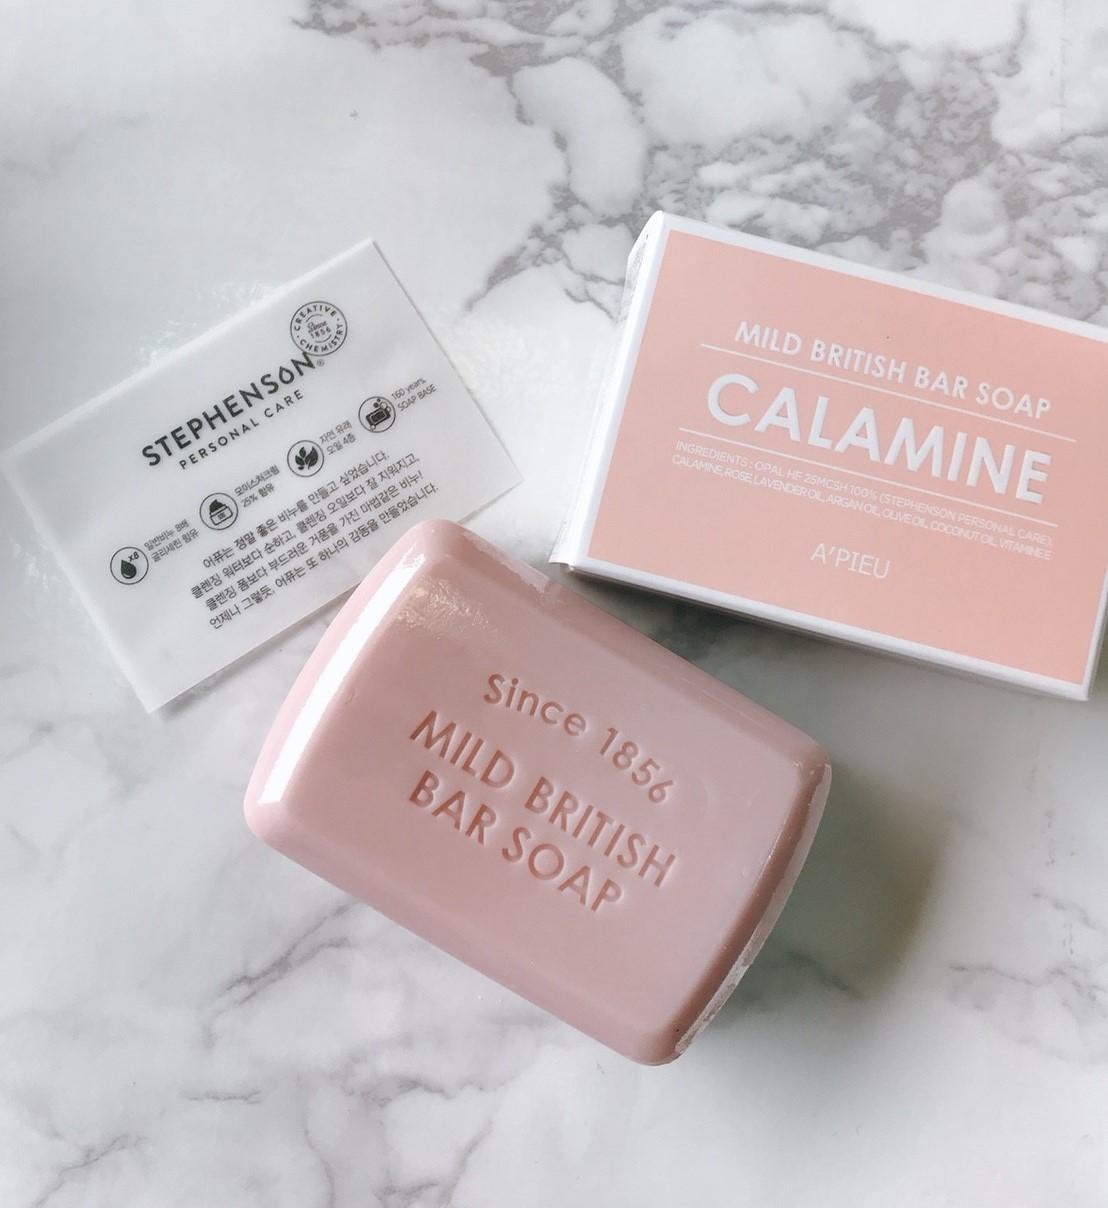 最後如果你是脆弱的敏弱肌,那就選這塊粉皂吧!添加了爐甘石成分,能有效鎮靜脆弱的肌膚。爐甘石成分更常出現在許多醫療外品的成分上,如果是比較脆弱的膚質,女神推薦這塊給你喔!